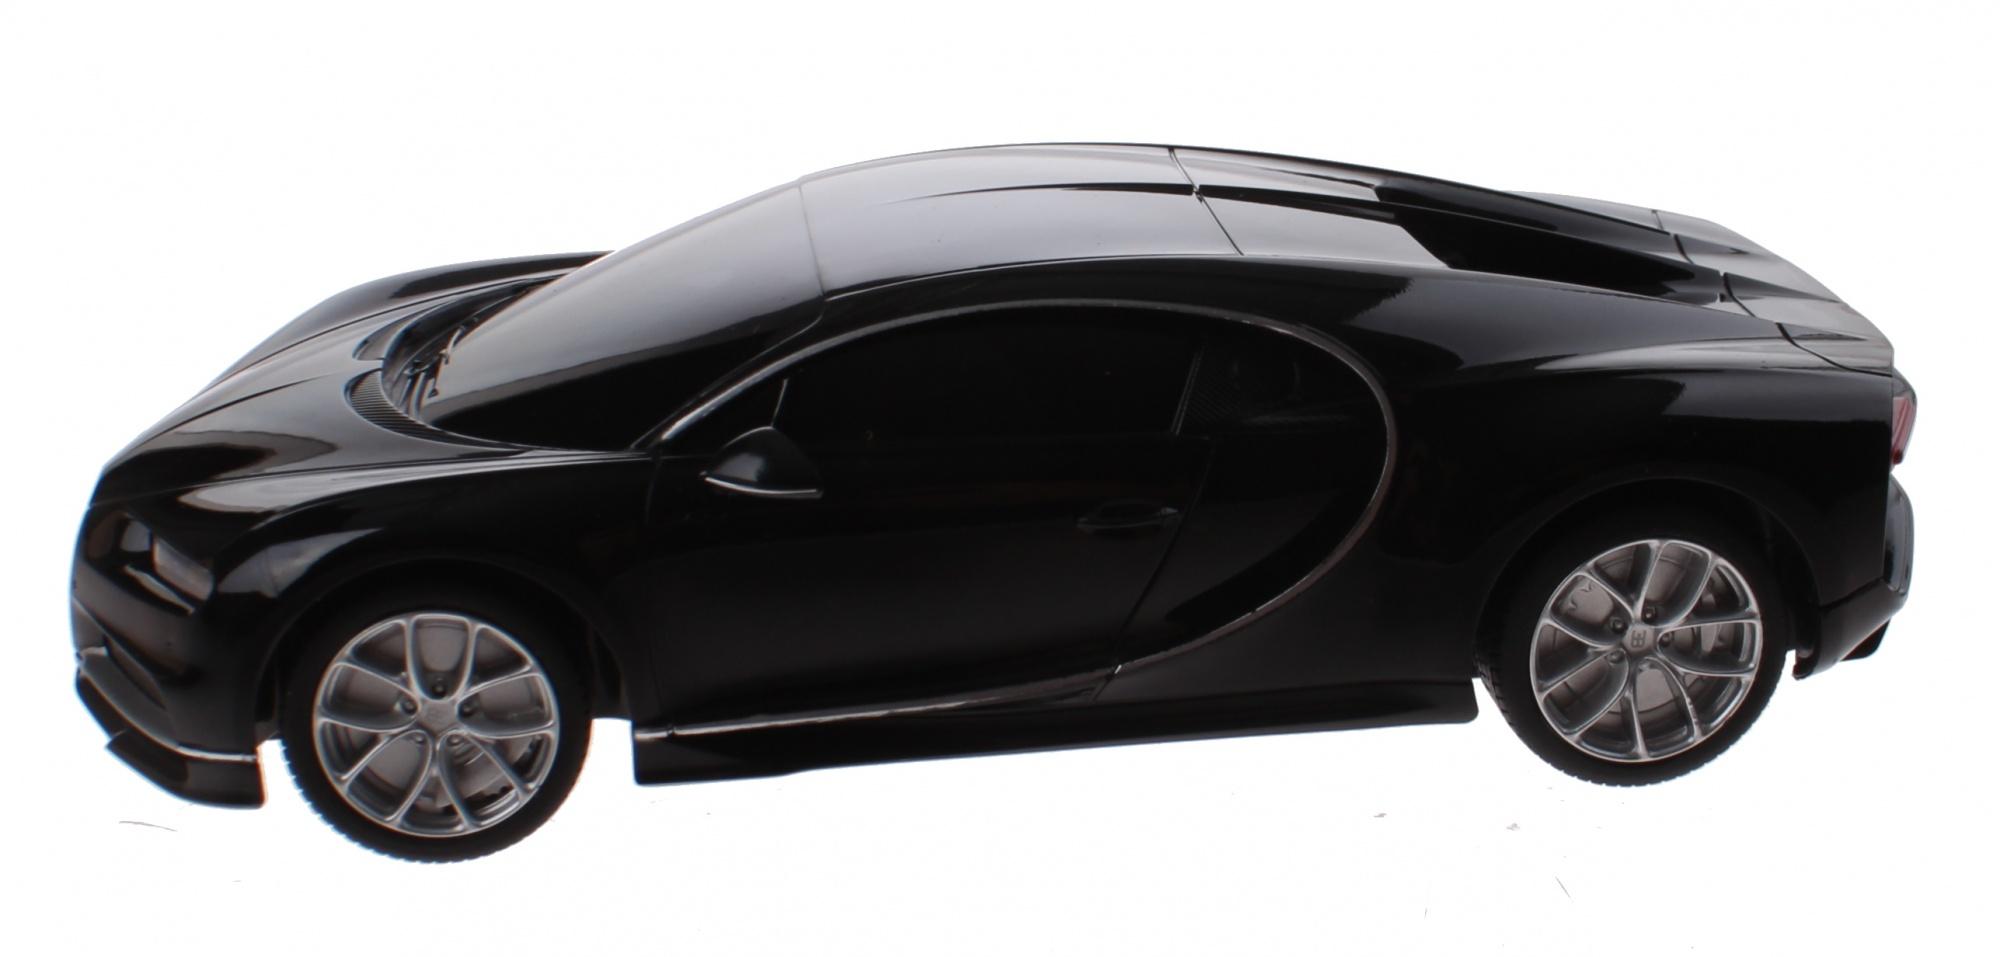 Rastar Rc Bugatti Chiron Dish 1 24 Black Enlarge